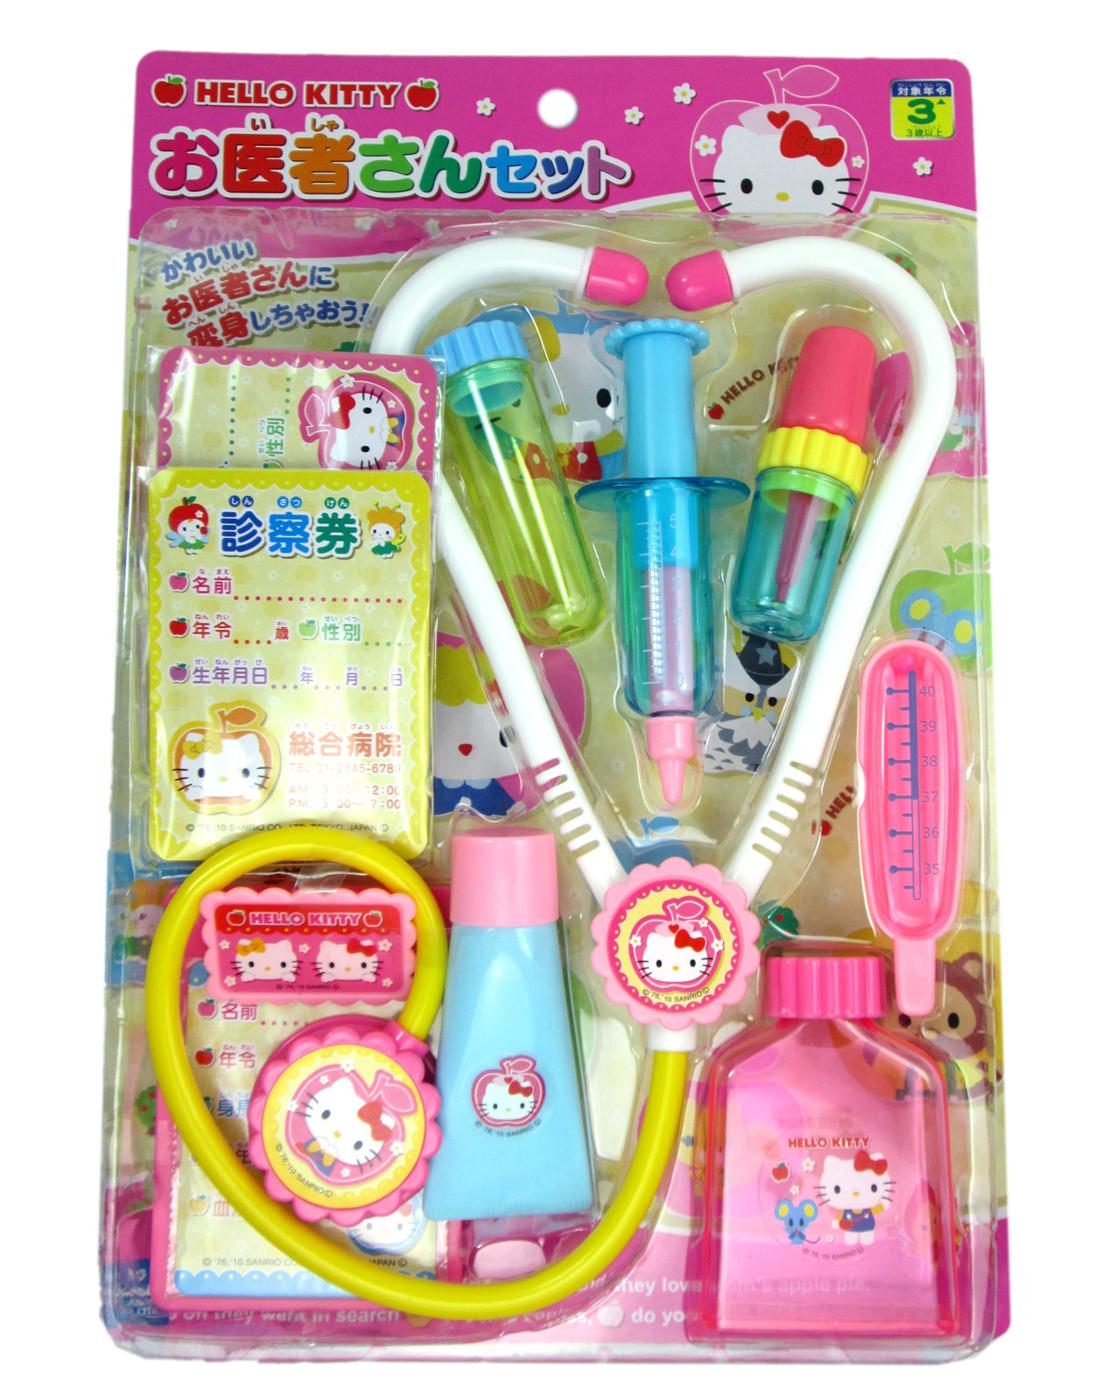 卡漫城Hello Kitty醫護遊戲組版醫生小護士扮家家酒ST兒童安全玩具